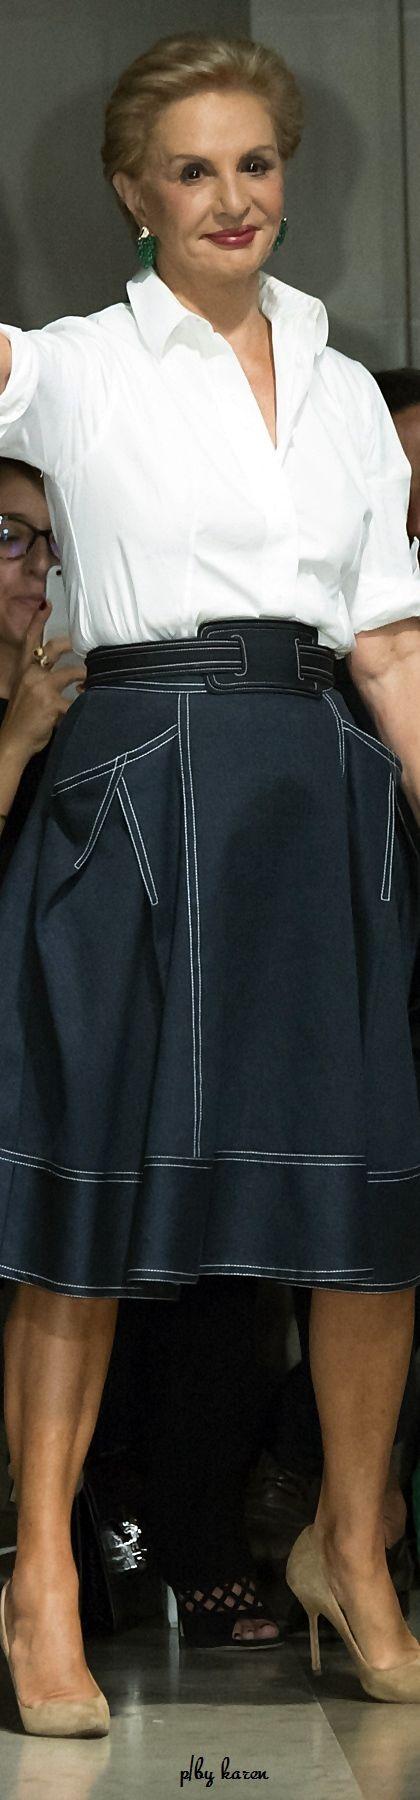 Carolina Herrera, Fashion Designer                                                                                                                                                                                 More